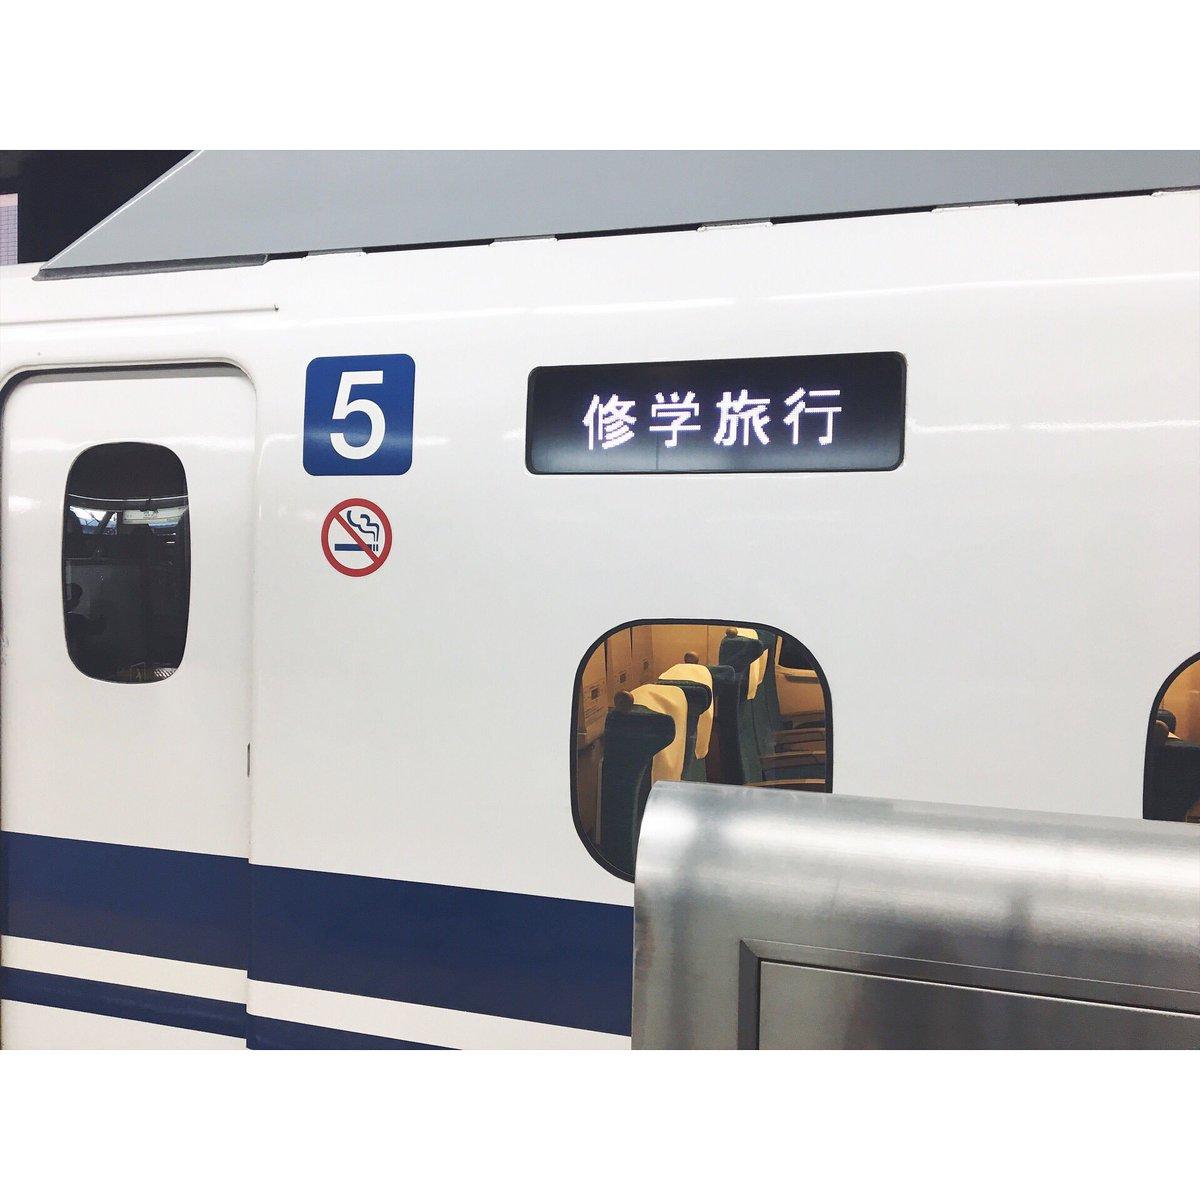 """神ノ川智早 on twitter: """"新幹線の電光掲示板が「修学旅行」になってい"""